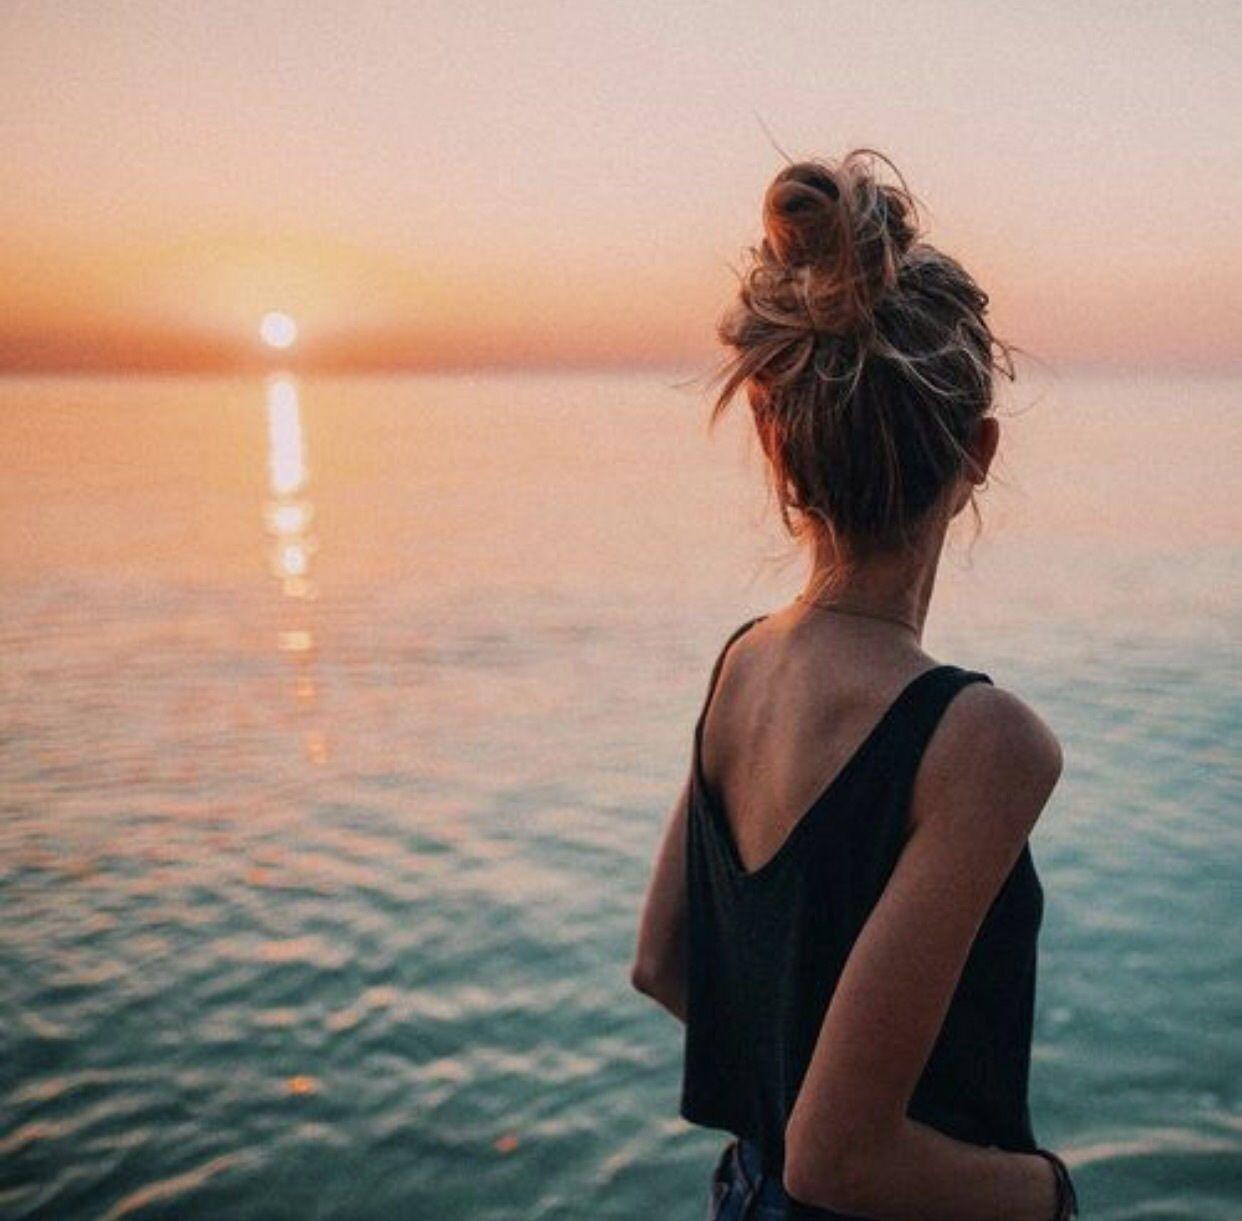 Afbeeldingsresultaat Voor صور بنات على البحر 写真撮影 海辺の写真撮影のポーズ 写真撮影のポーズ